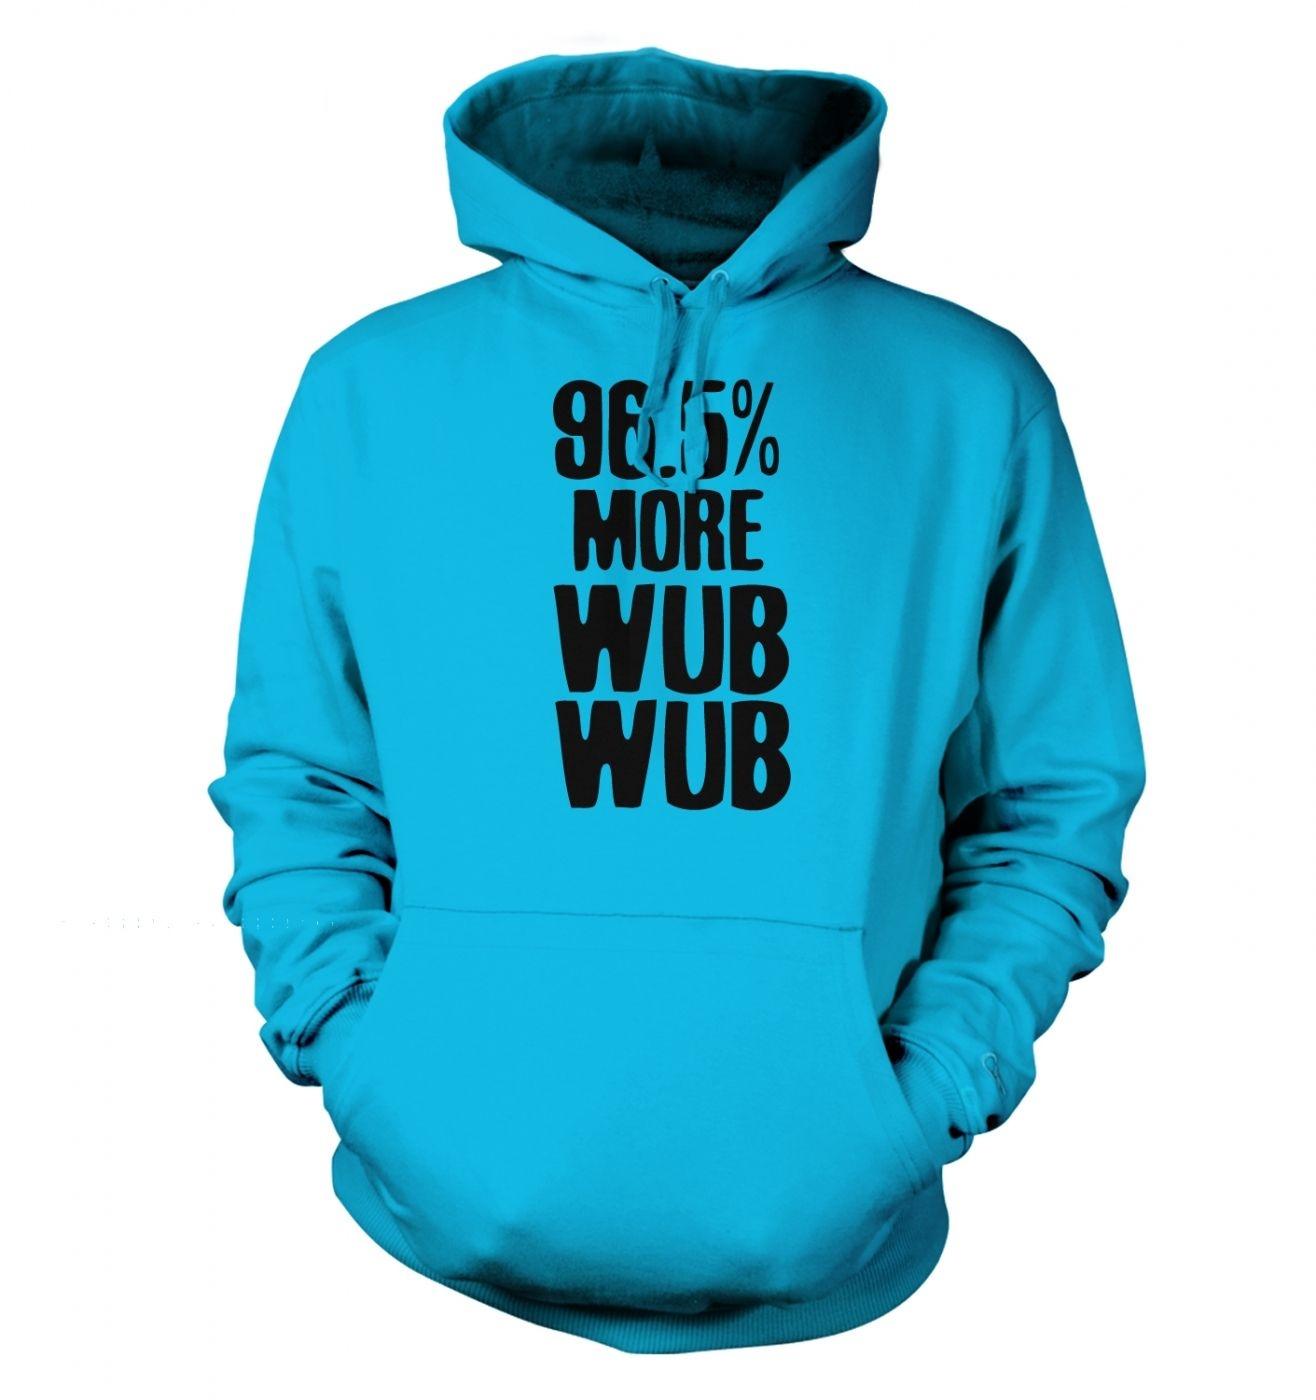 96.5% More WubWub hoodie